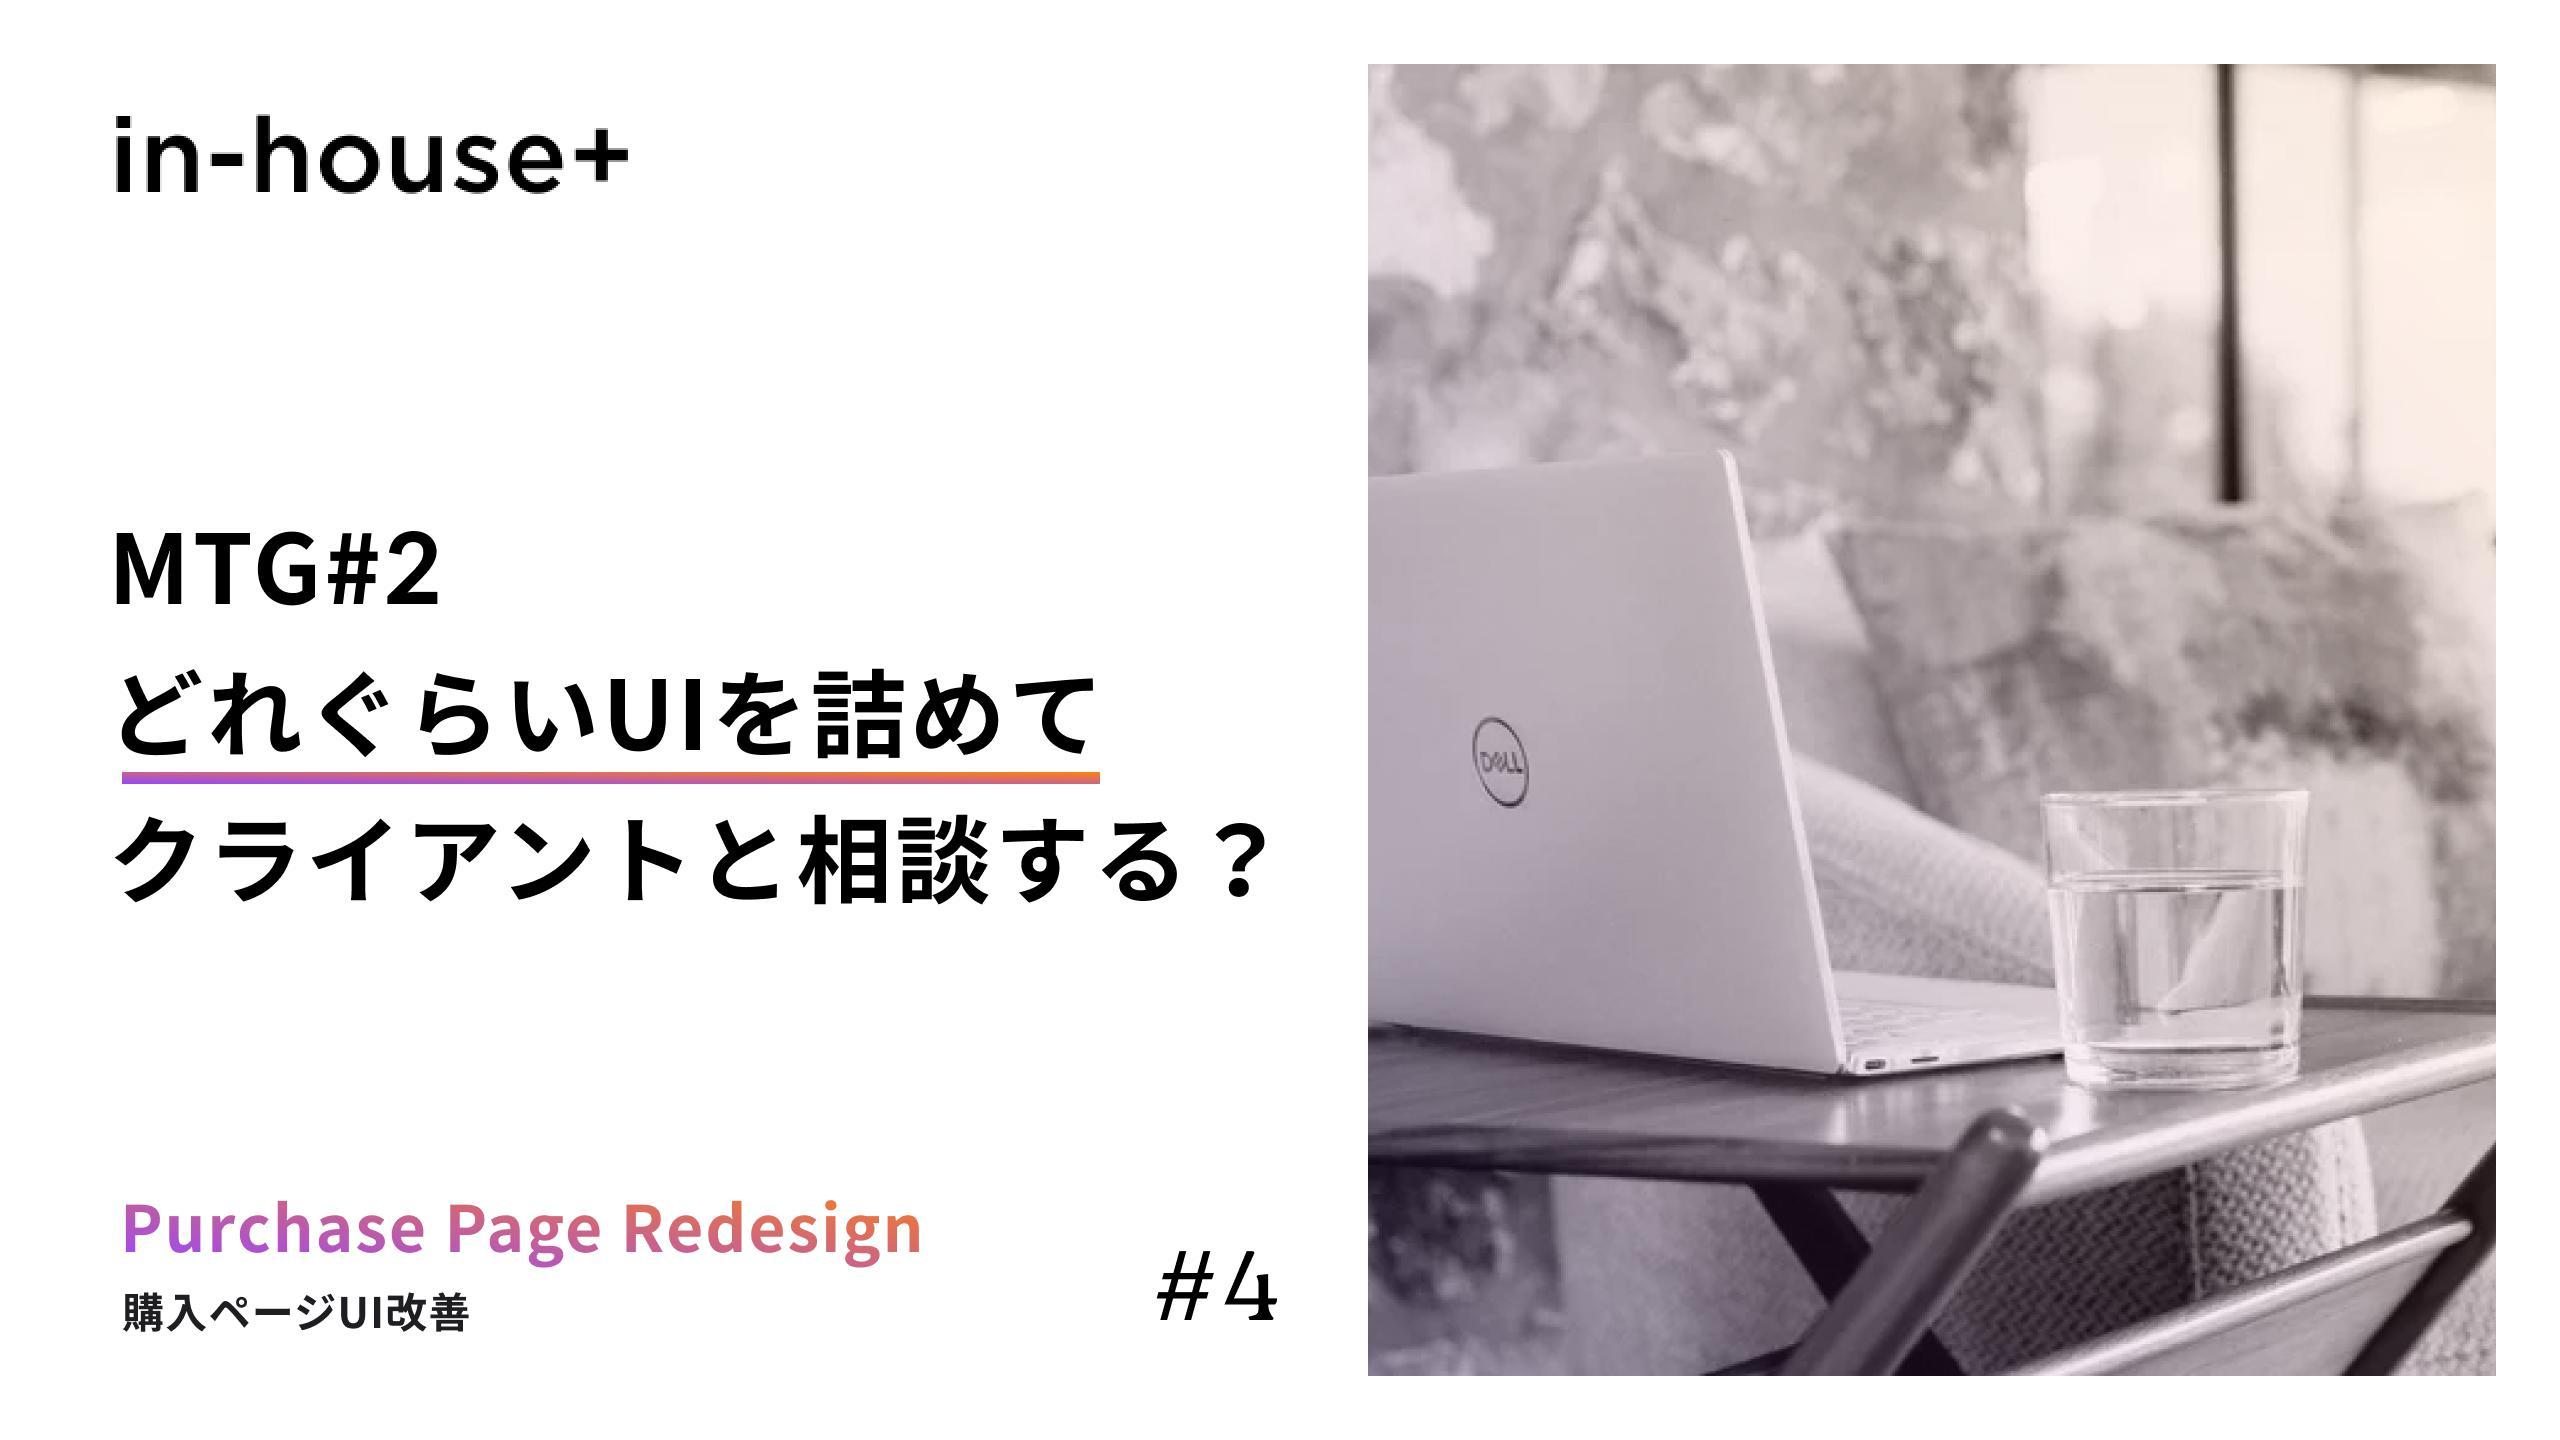 【顧客中心のUI改善実務編】4.MTG2回目 - LP改善のラフアイデアを共有して方向性を固める方法